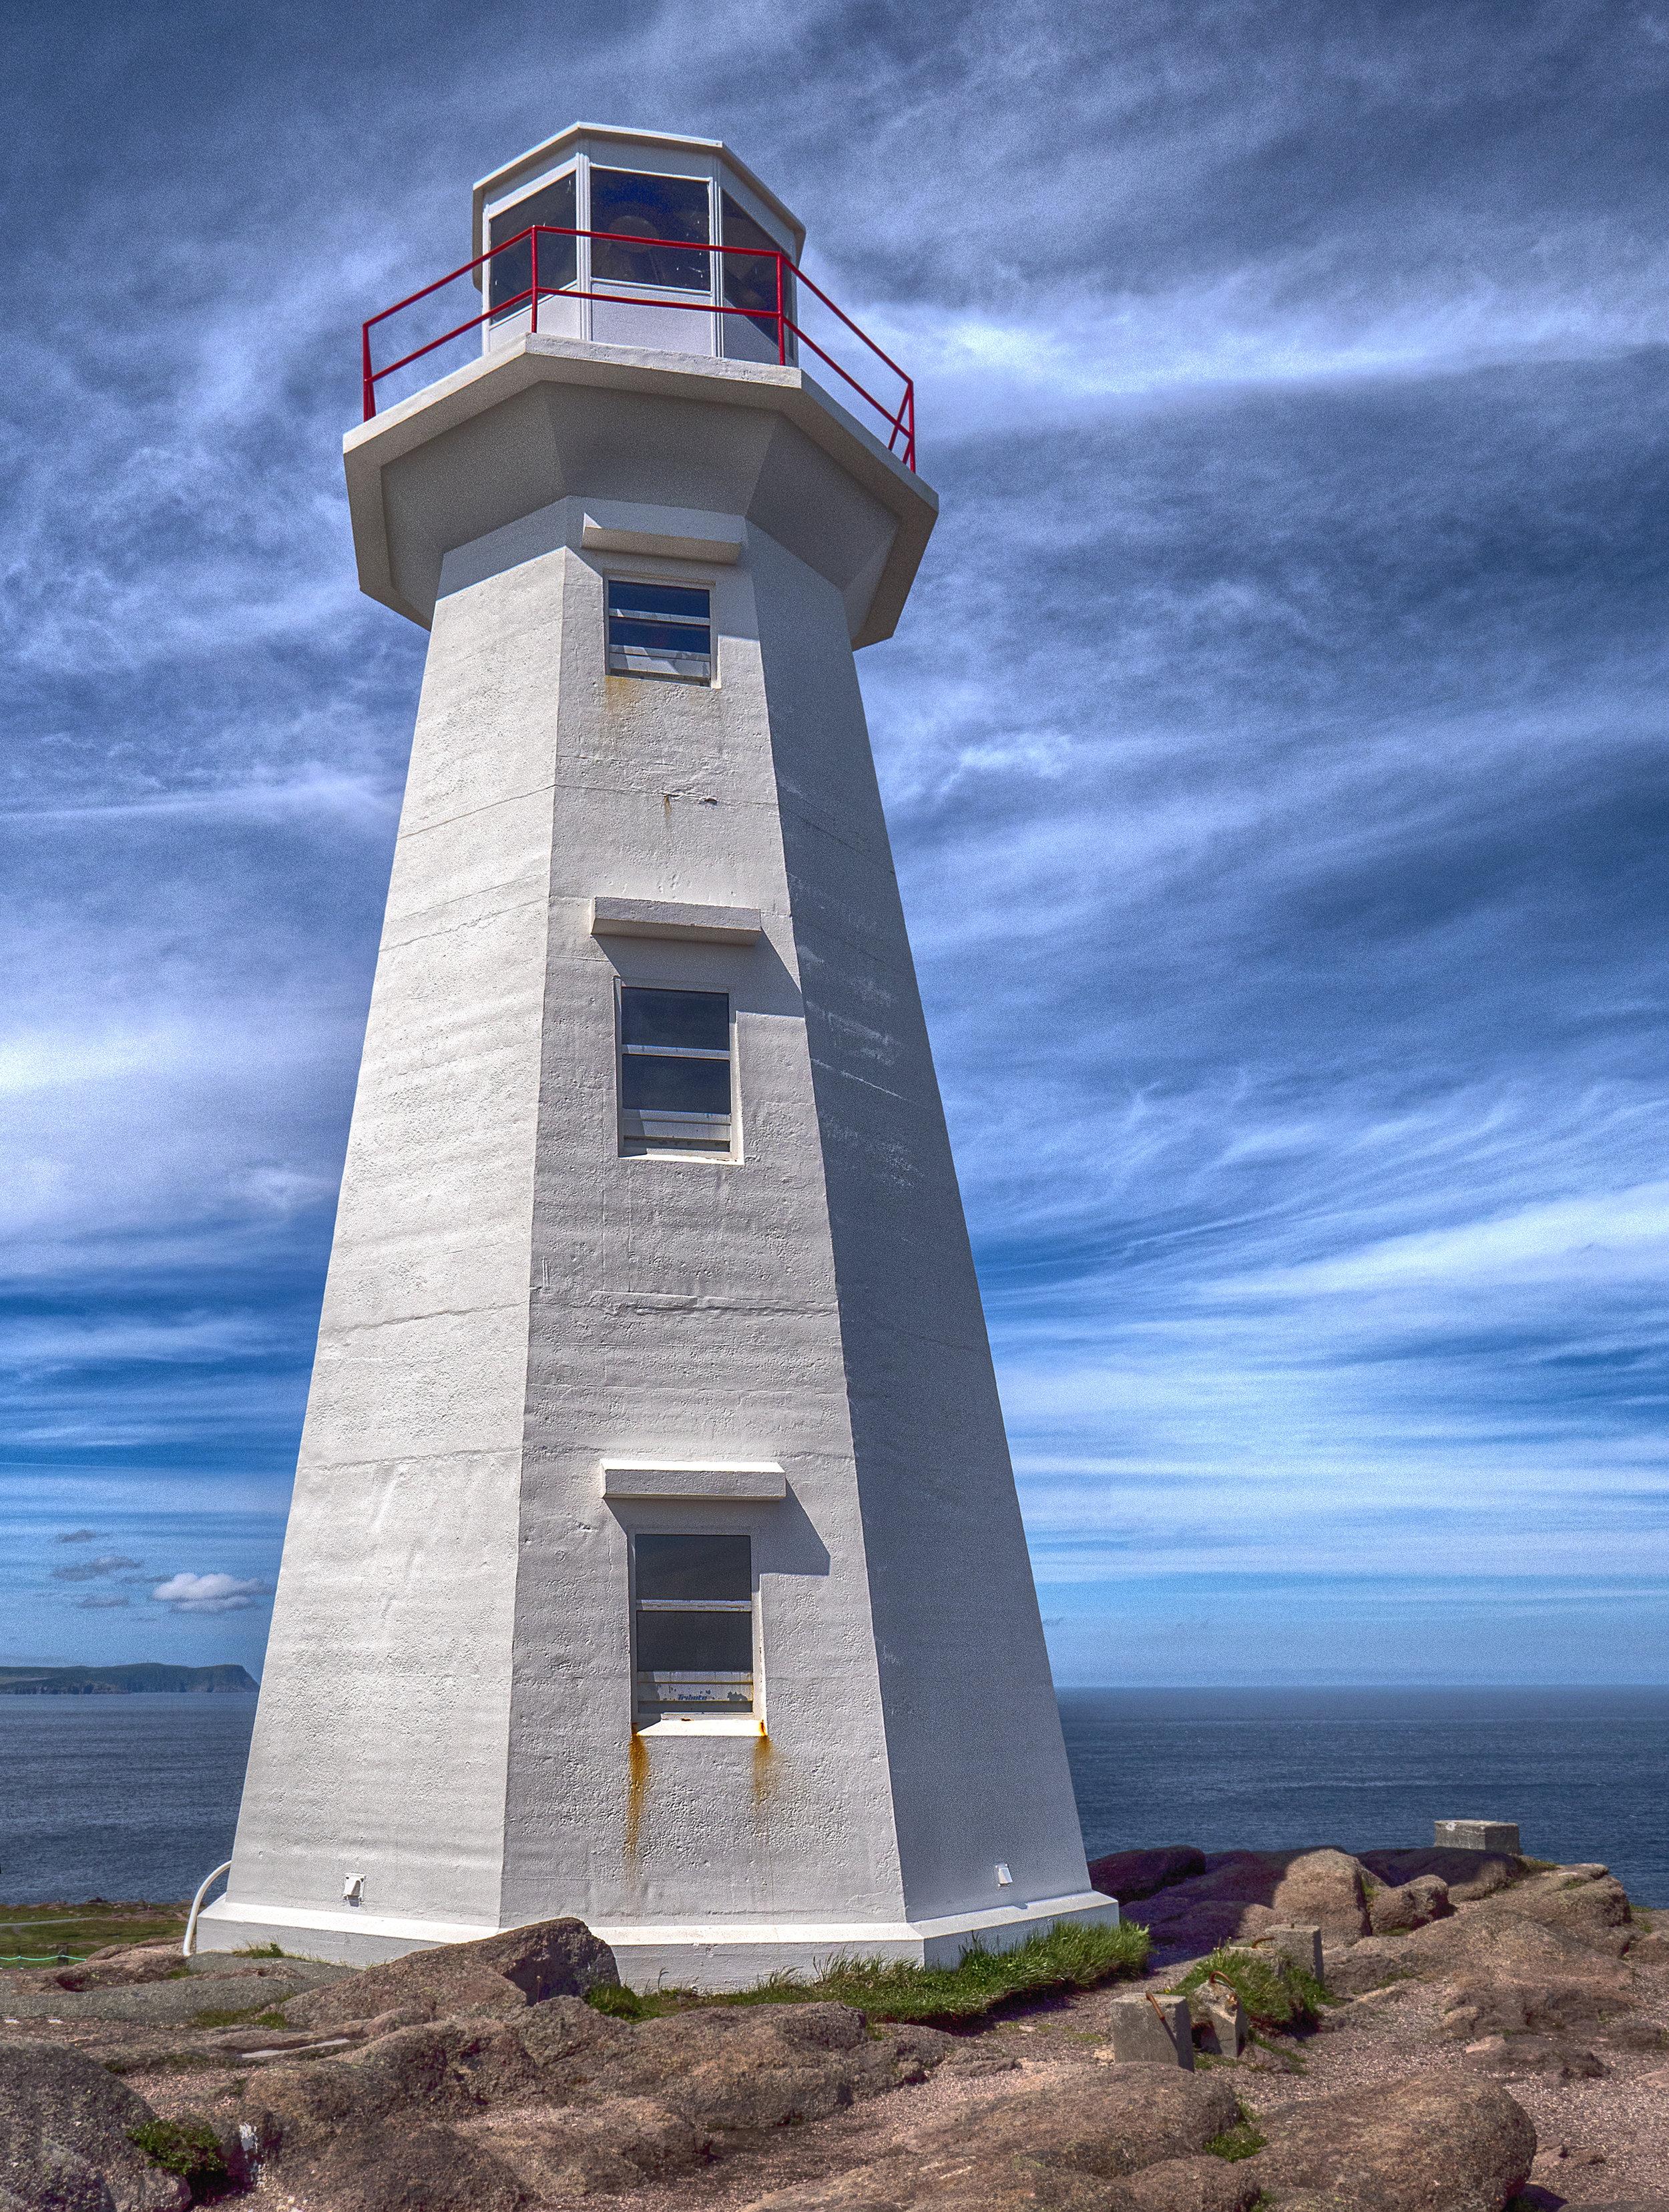 cape spear lighthouse.jpg